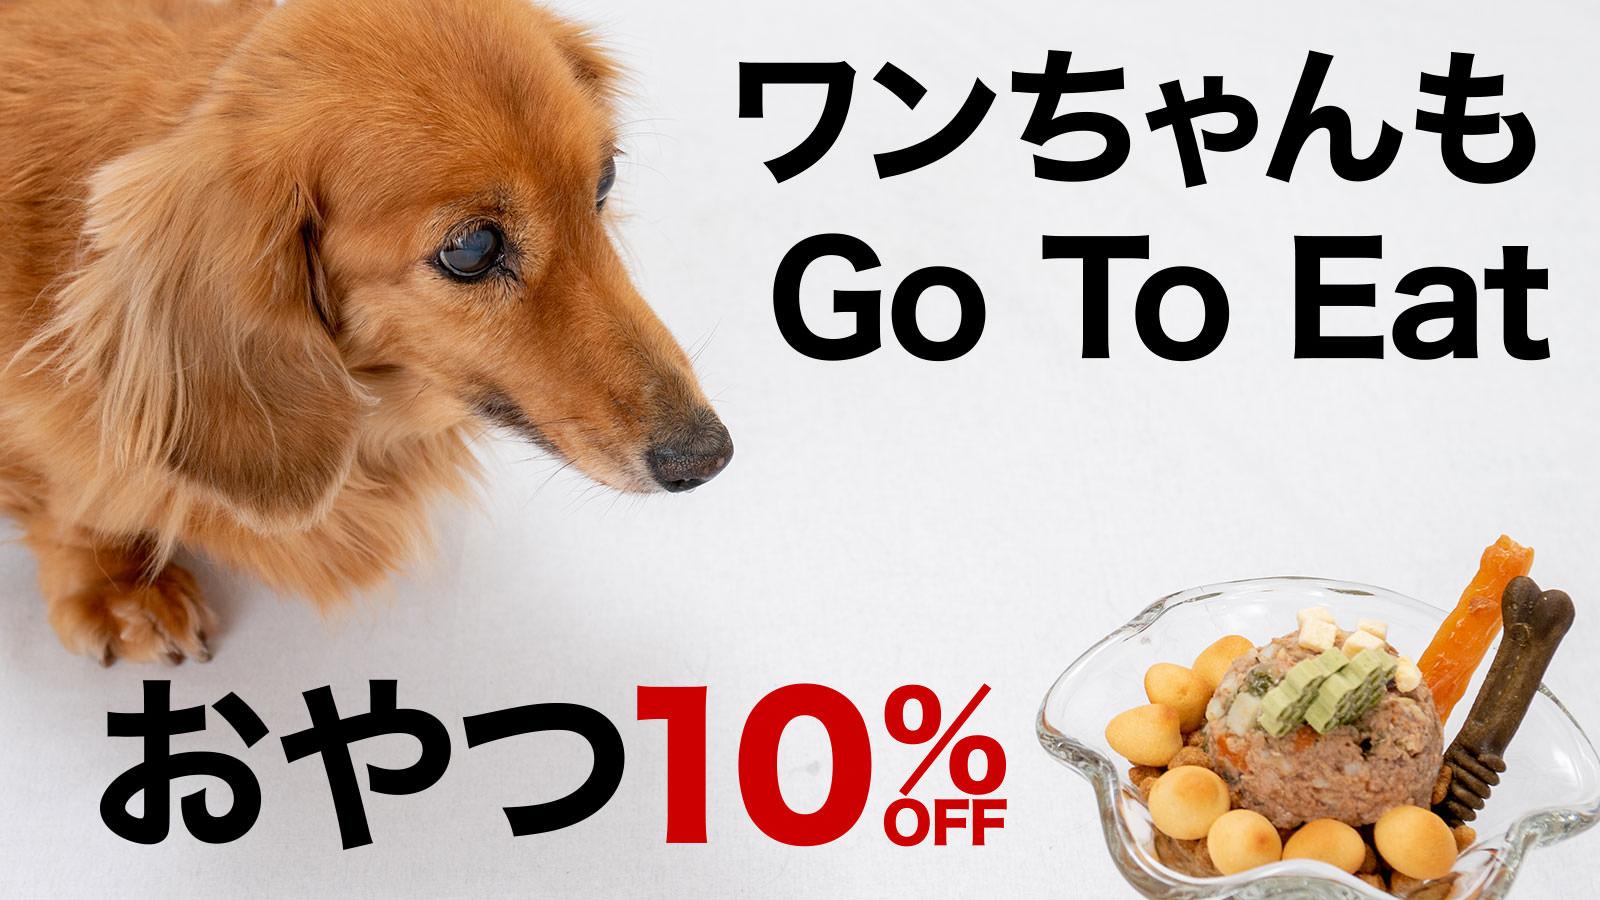 ワンちゃんもGo To Eat!おやつ全品10%OFF!